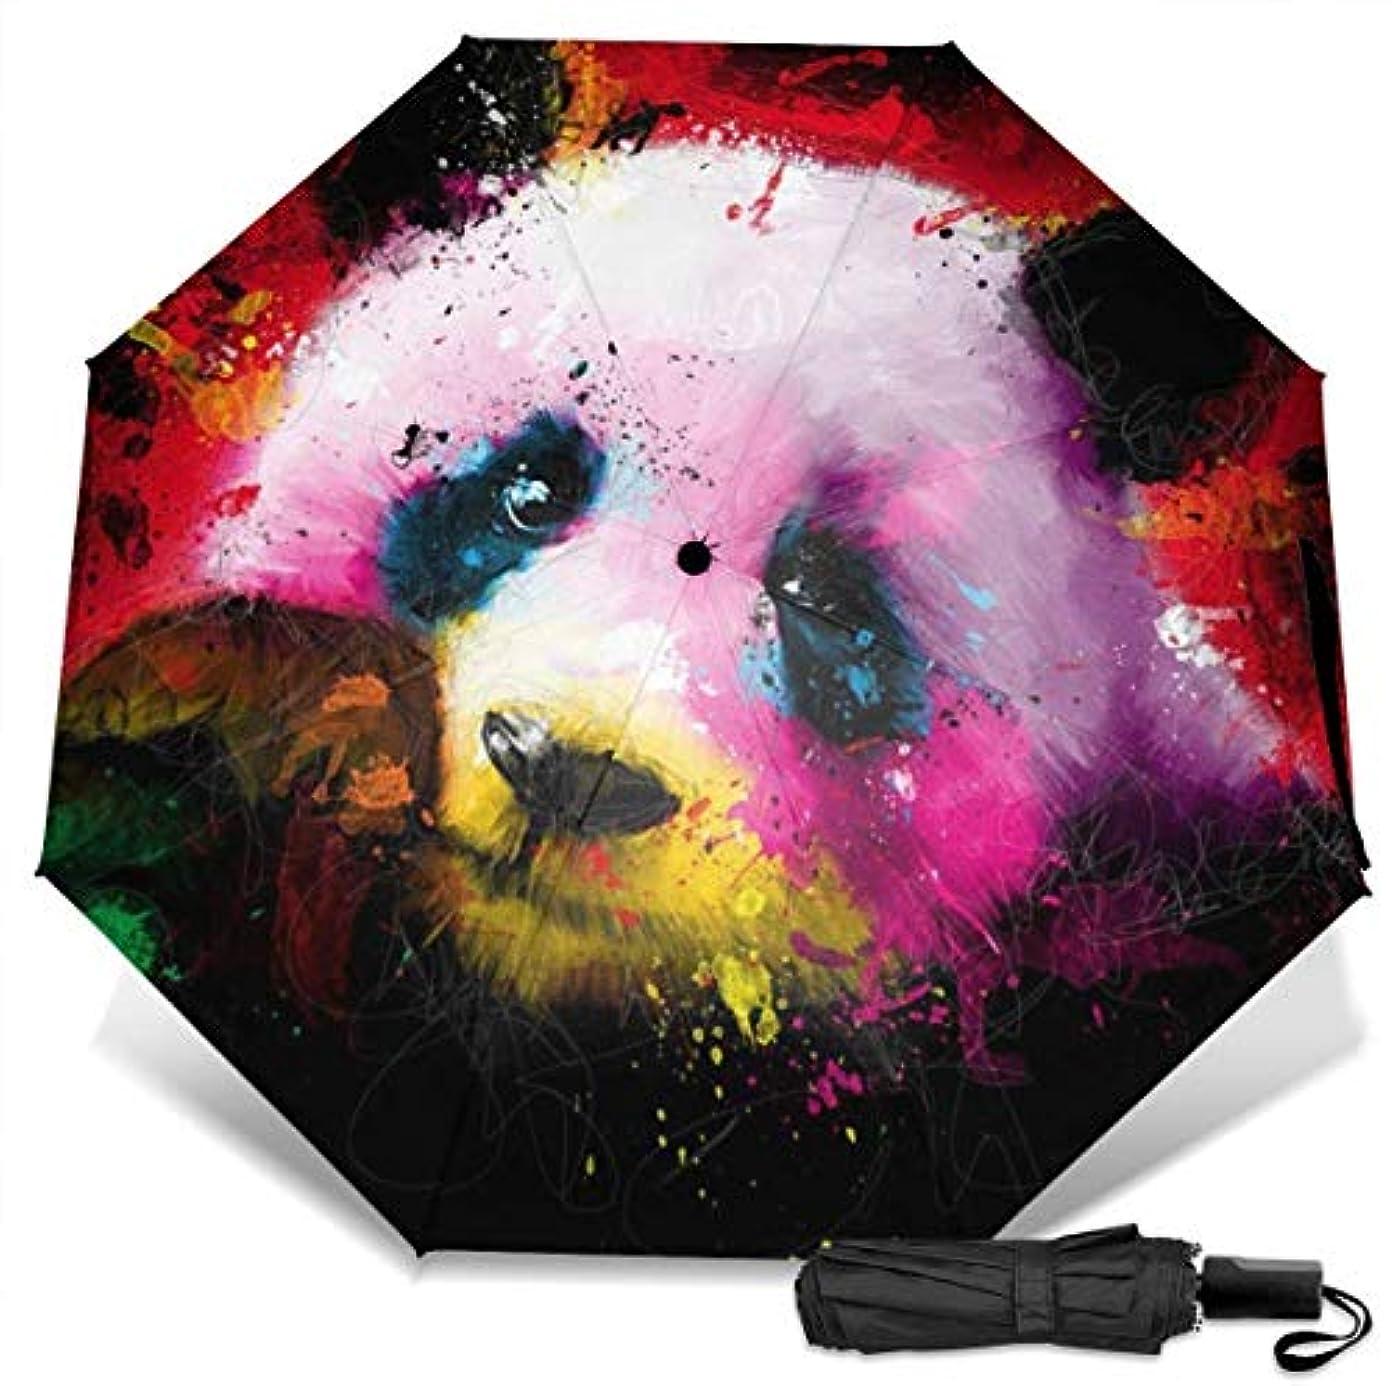 極小複数ハドルかわいいパンダのカラフルな絵折りたたみ傘 軽量 手動三つ折り傘 日傘 耐風撥水 晴雨兼用 遮光遮熱 紫外線対策 携帯用かさ 出張旅行通勤 女性と男性用 (黒ゴム)